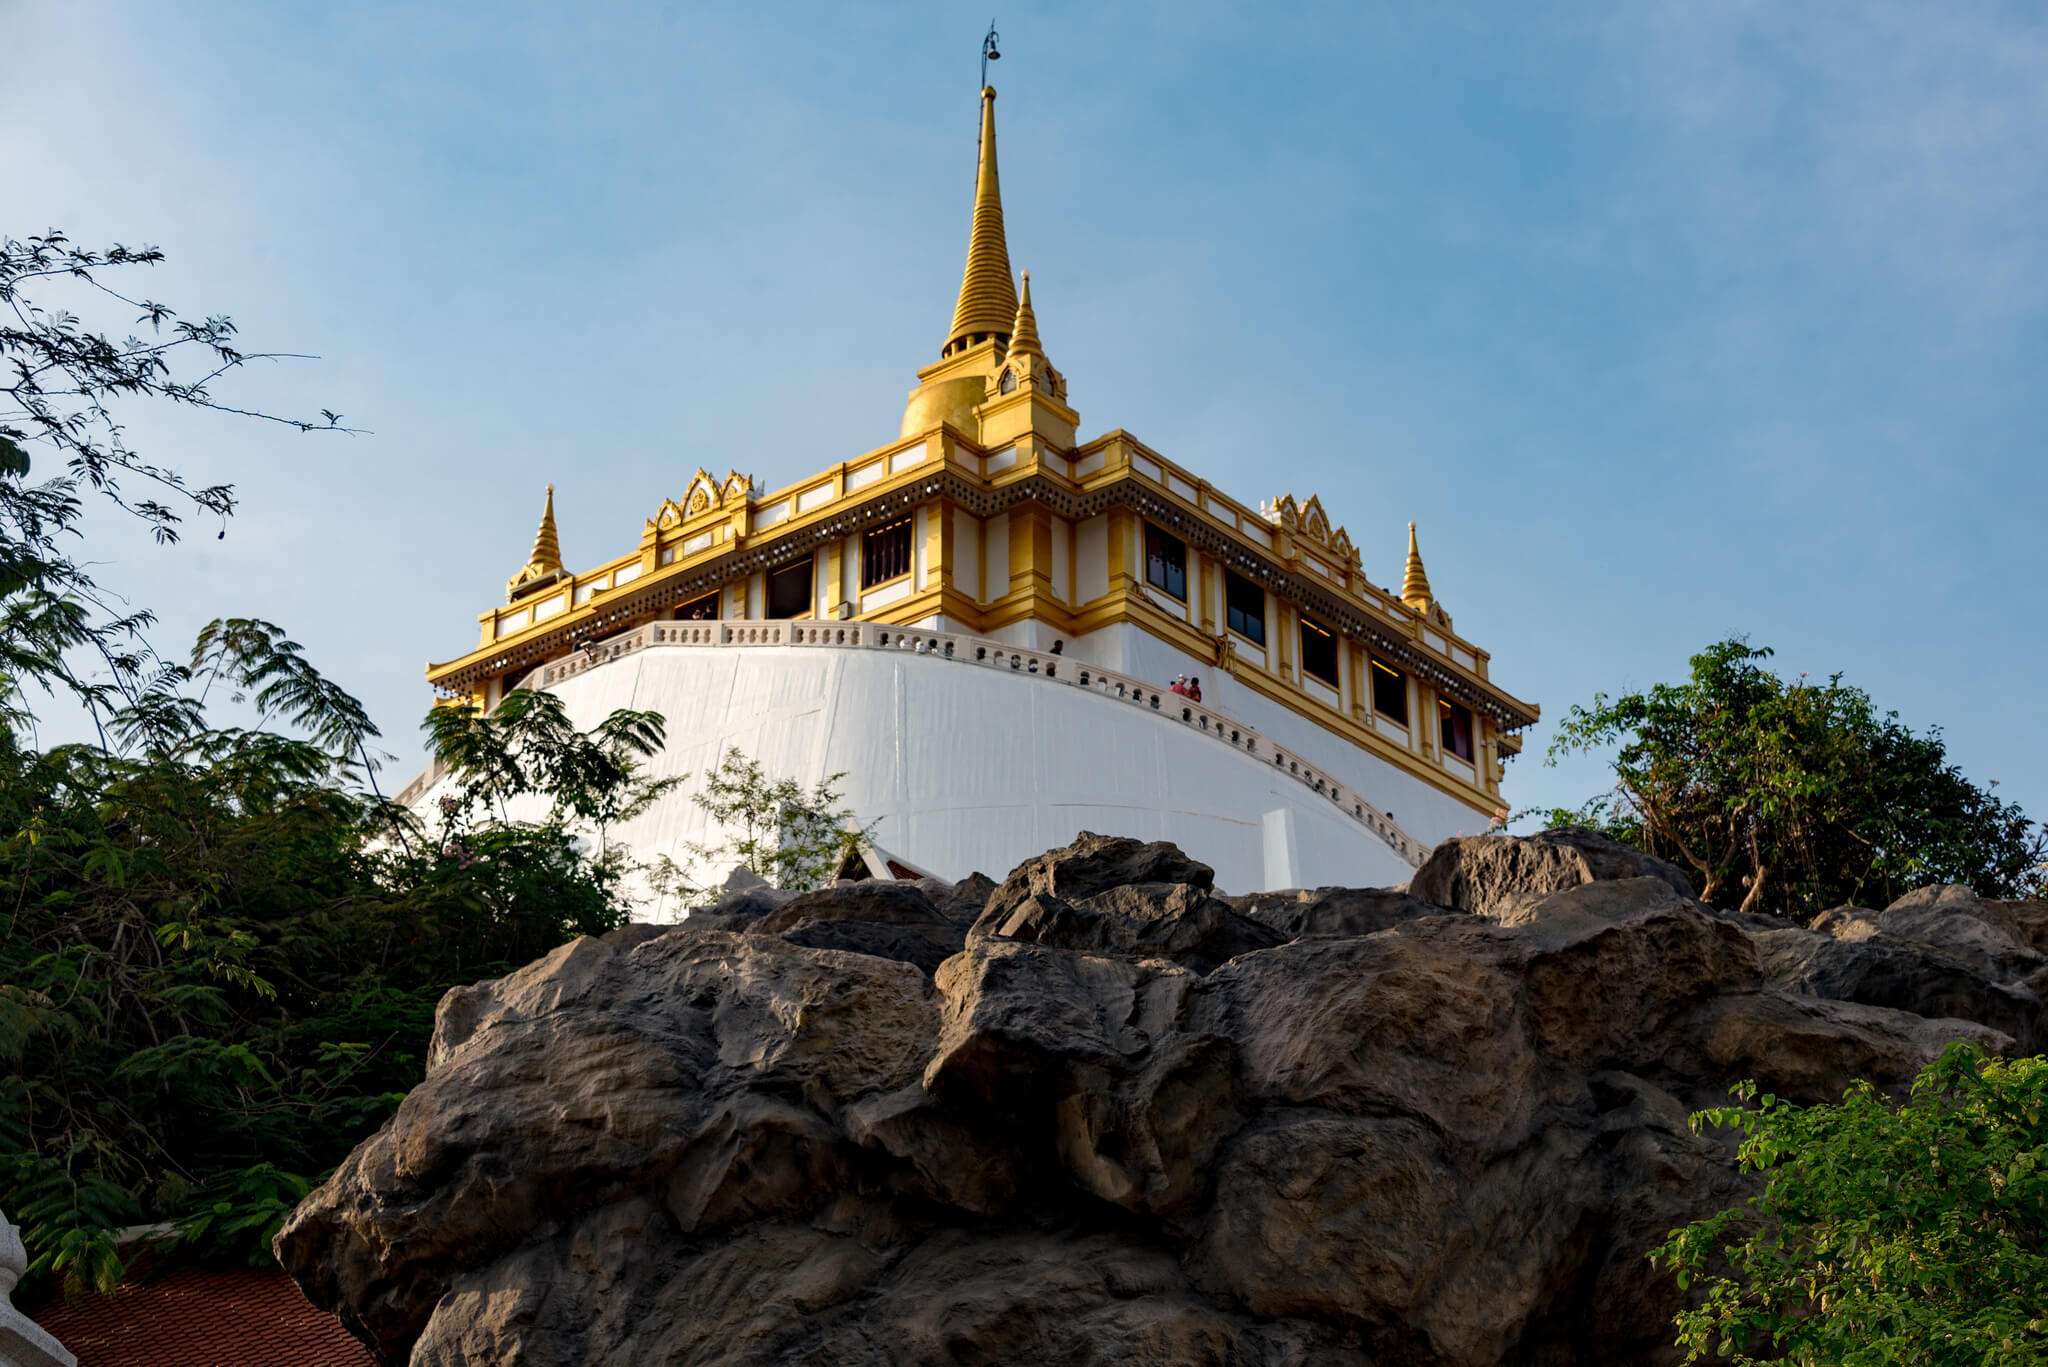 Таиланд, храм Золотой Горы в Бангкоке, Ват Сакет.